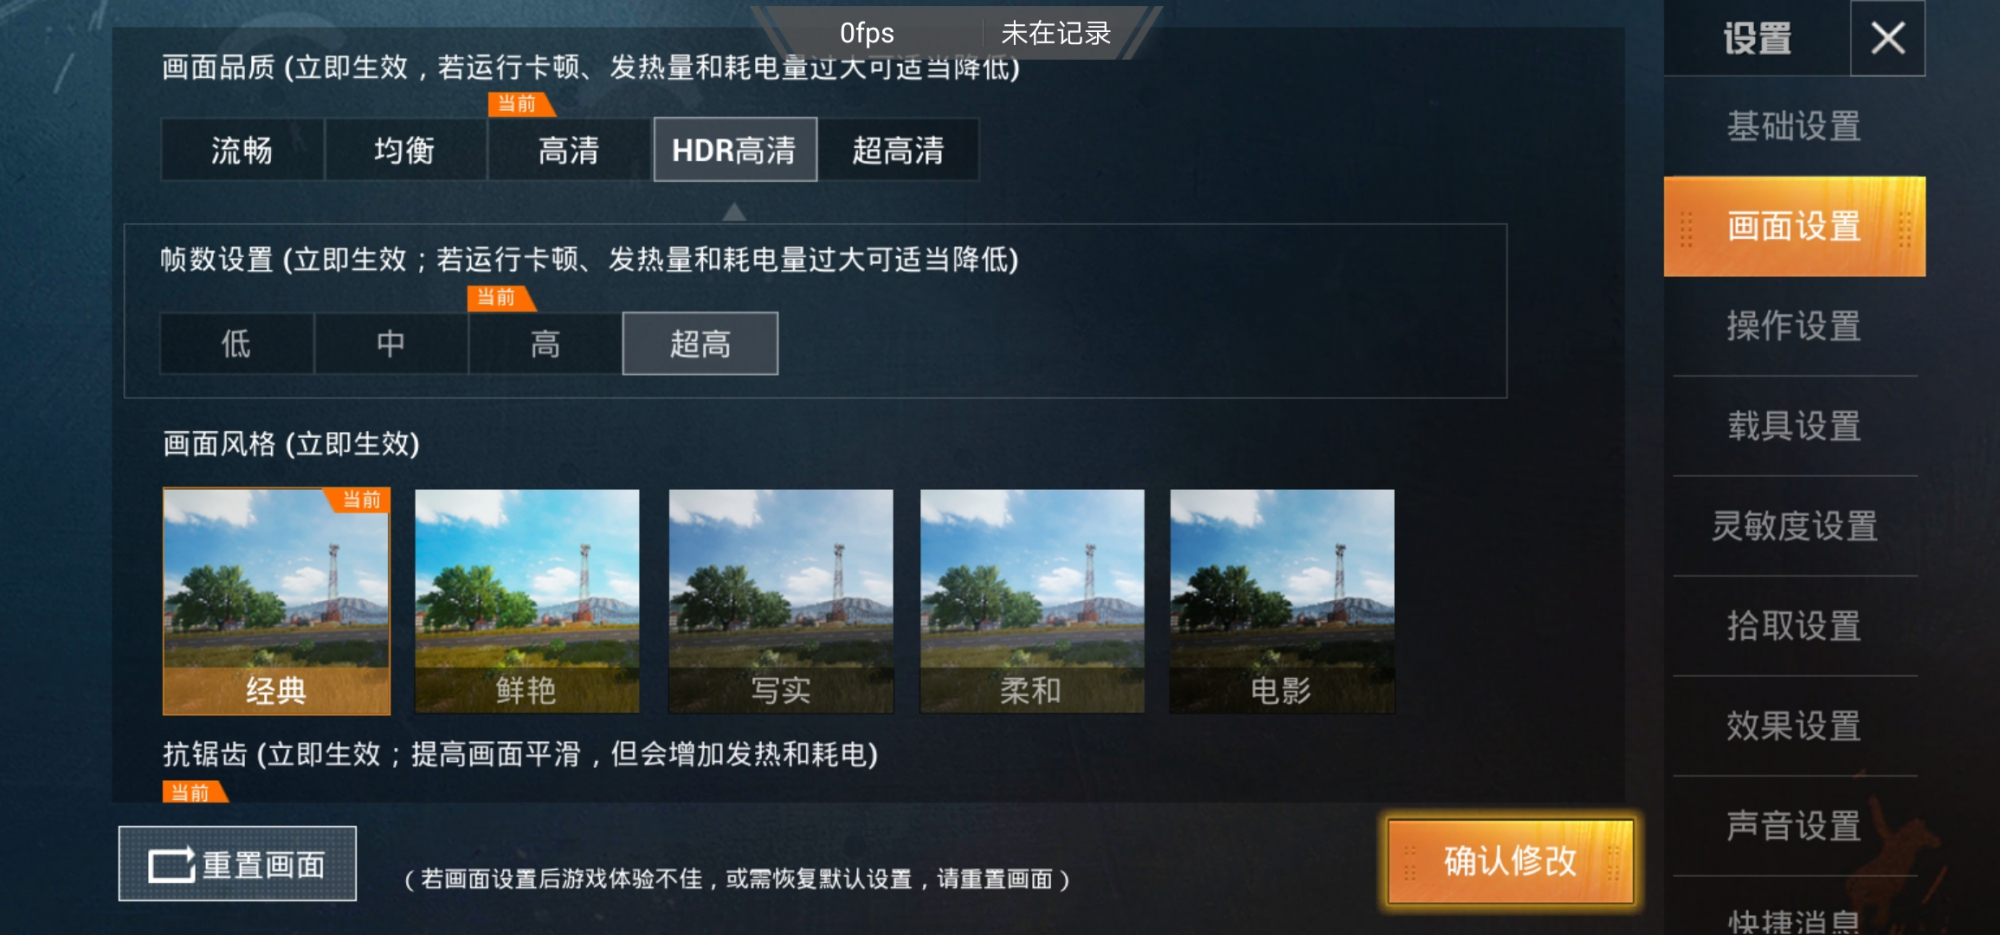 Screenshot_20190513_232030_com.tencent.tmgp.pubgmhd.jpg